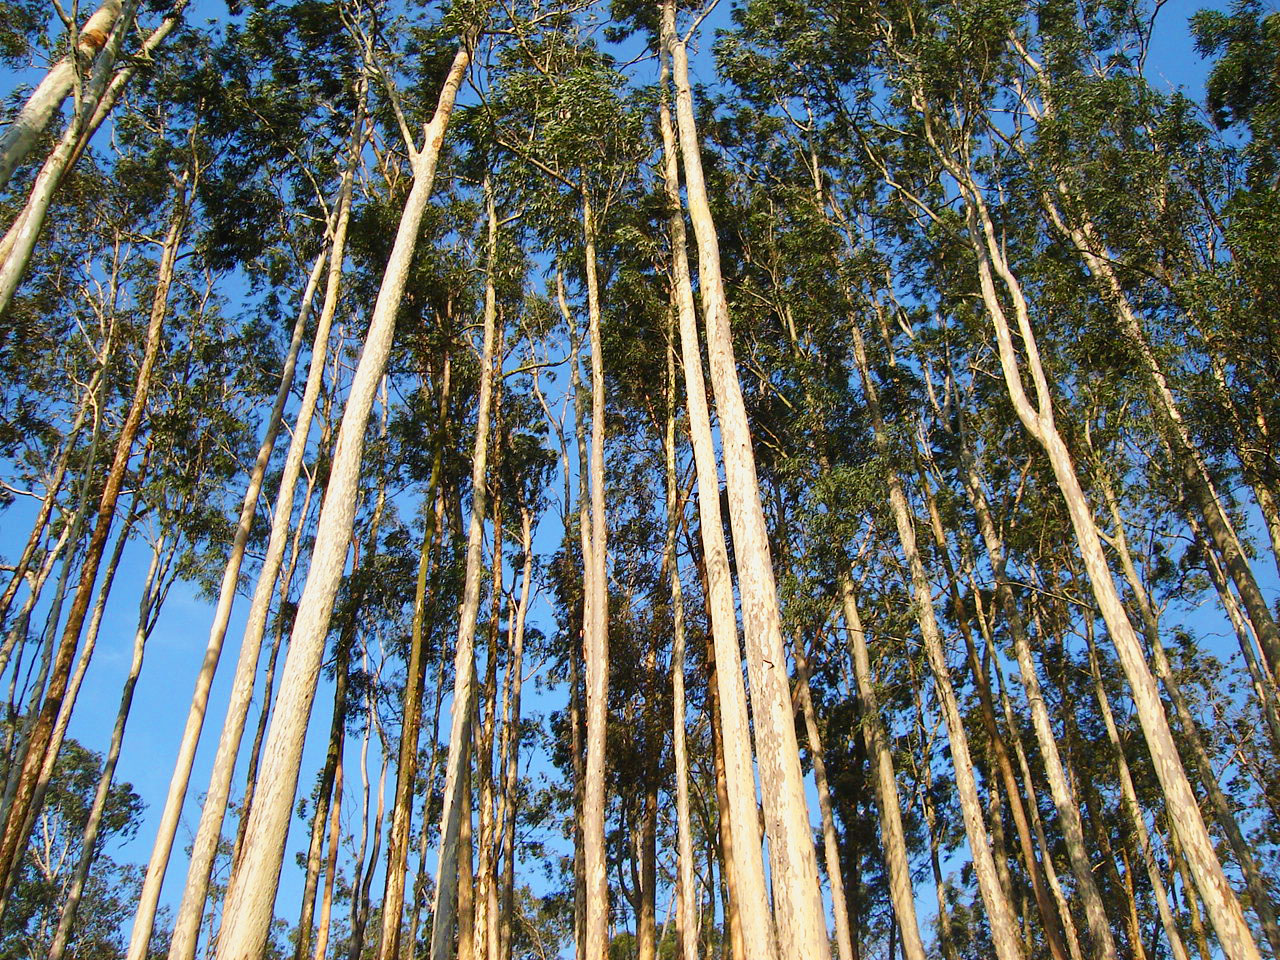 Eucalyptus sp